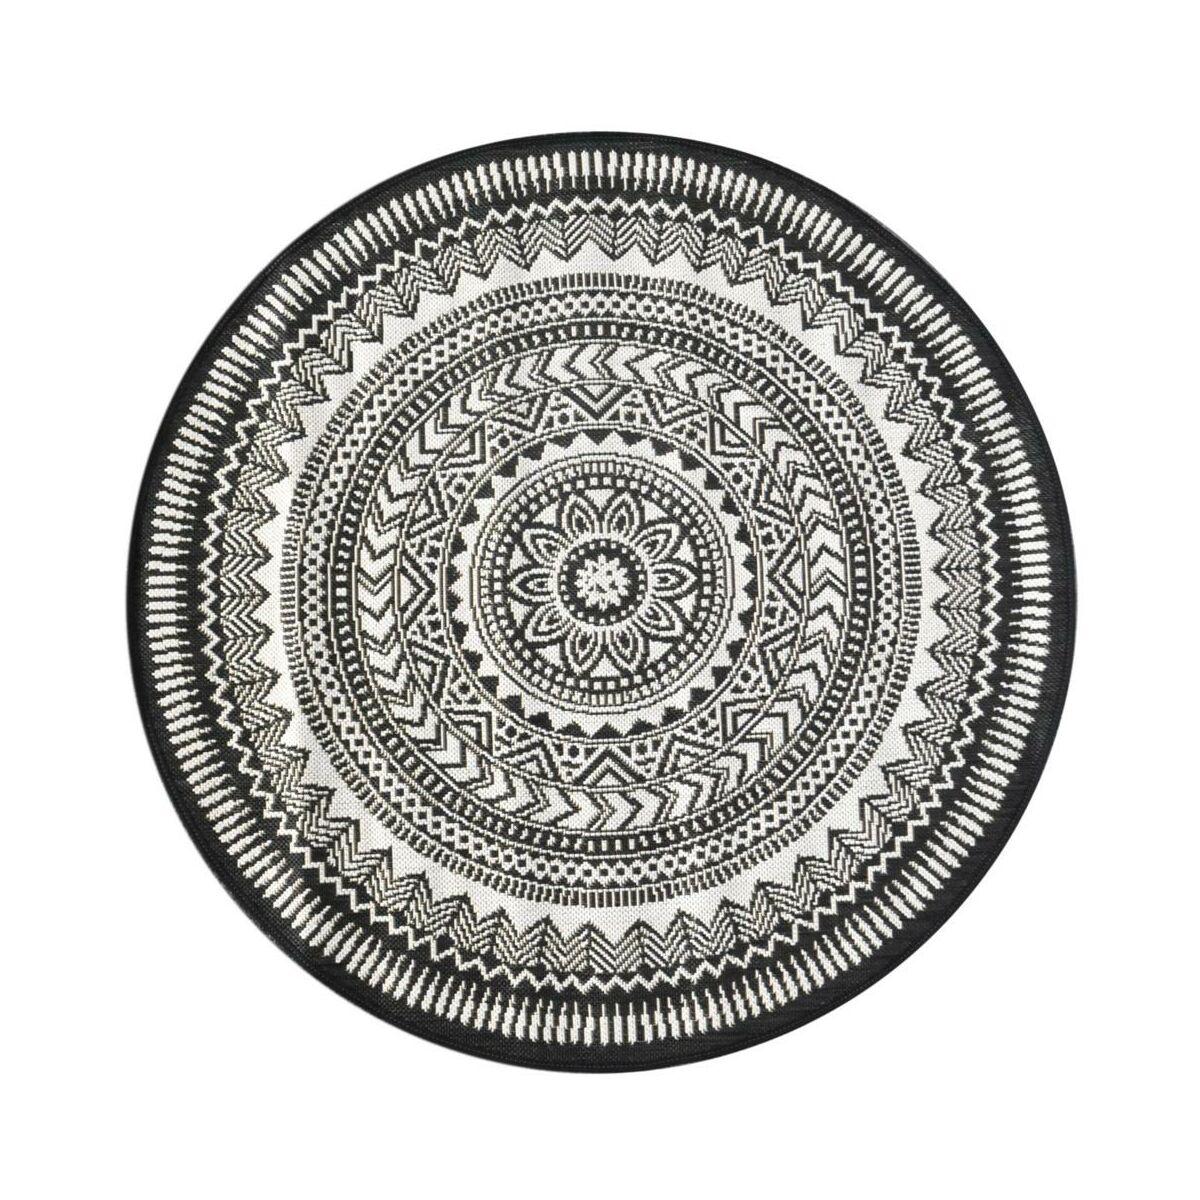 Dywan Zewnetrzny Ethnic Szary Okragly Sr 120 Cm Dywany Wewnetrzne W Atrakcyjnej Cenie W Sklepach Leroy Merlin